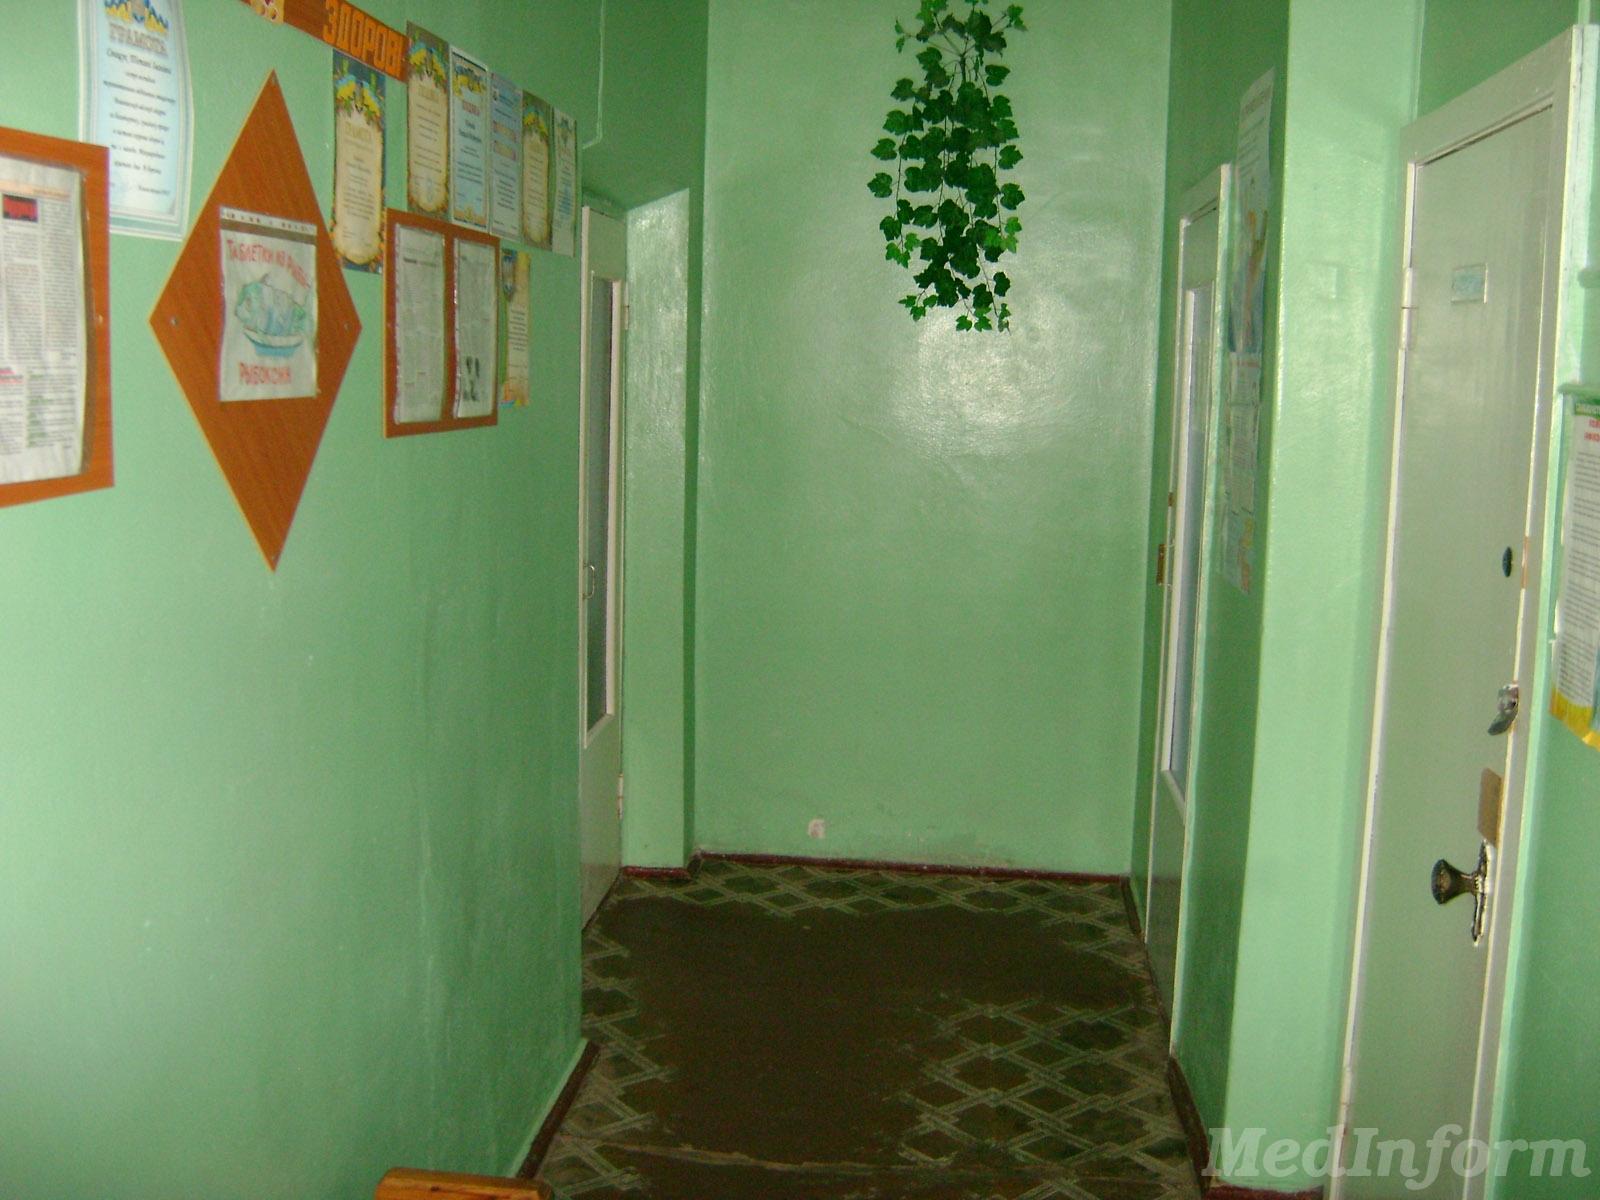 Филатовская детская больница как дойти от метро